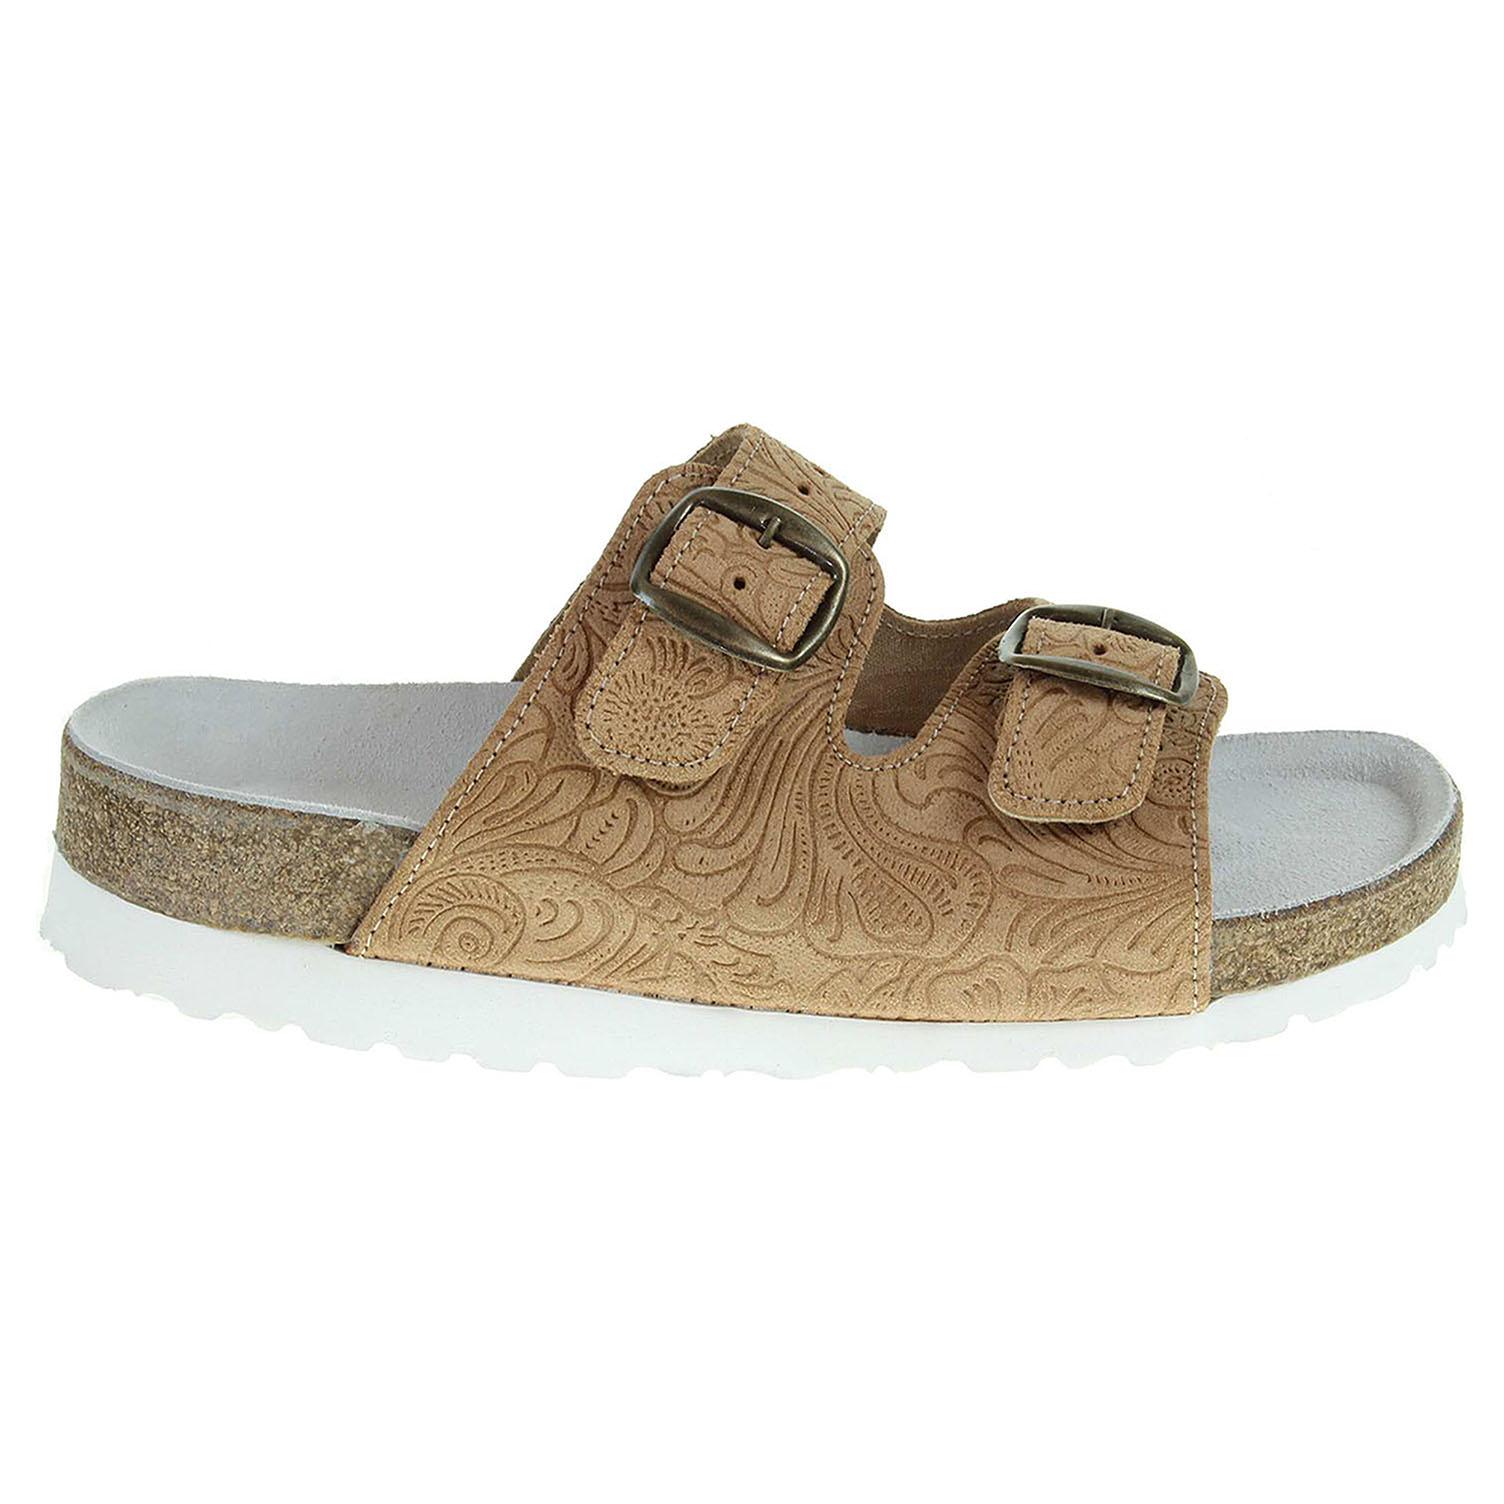 Ecco Pegres dámské pantofle 2101.00 béžové 23400322